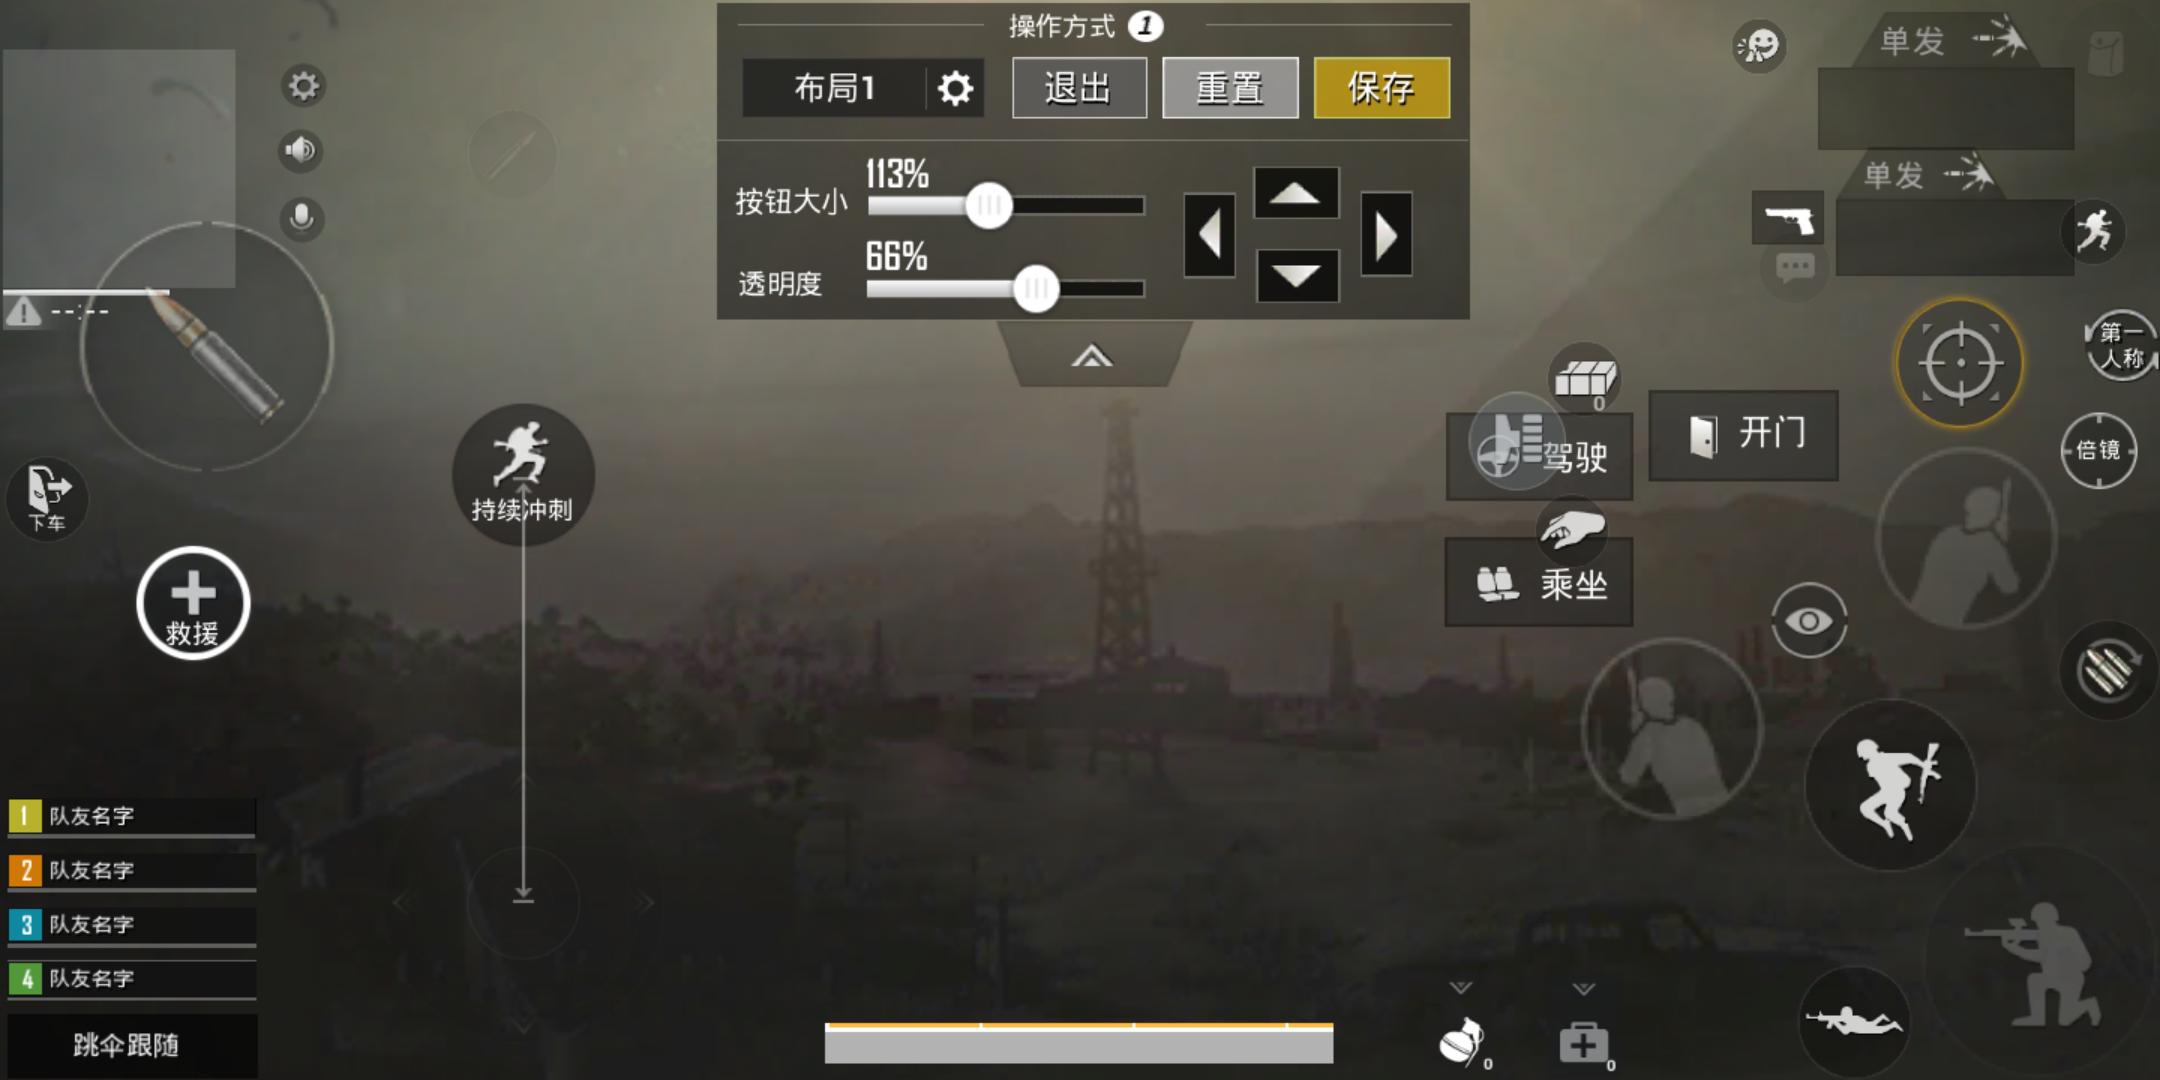 Screenshot_2018-08-26-00-48-06-771_com.tencent.tm.png